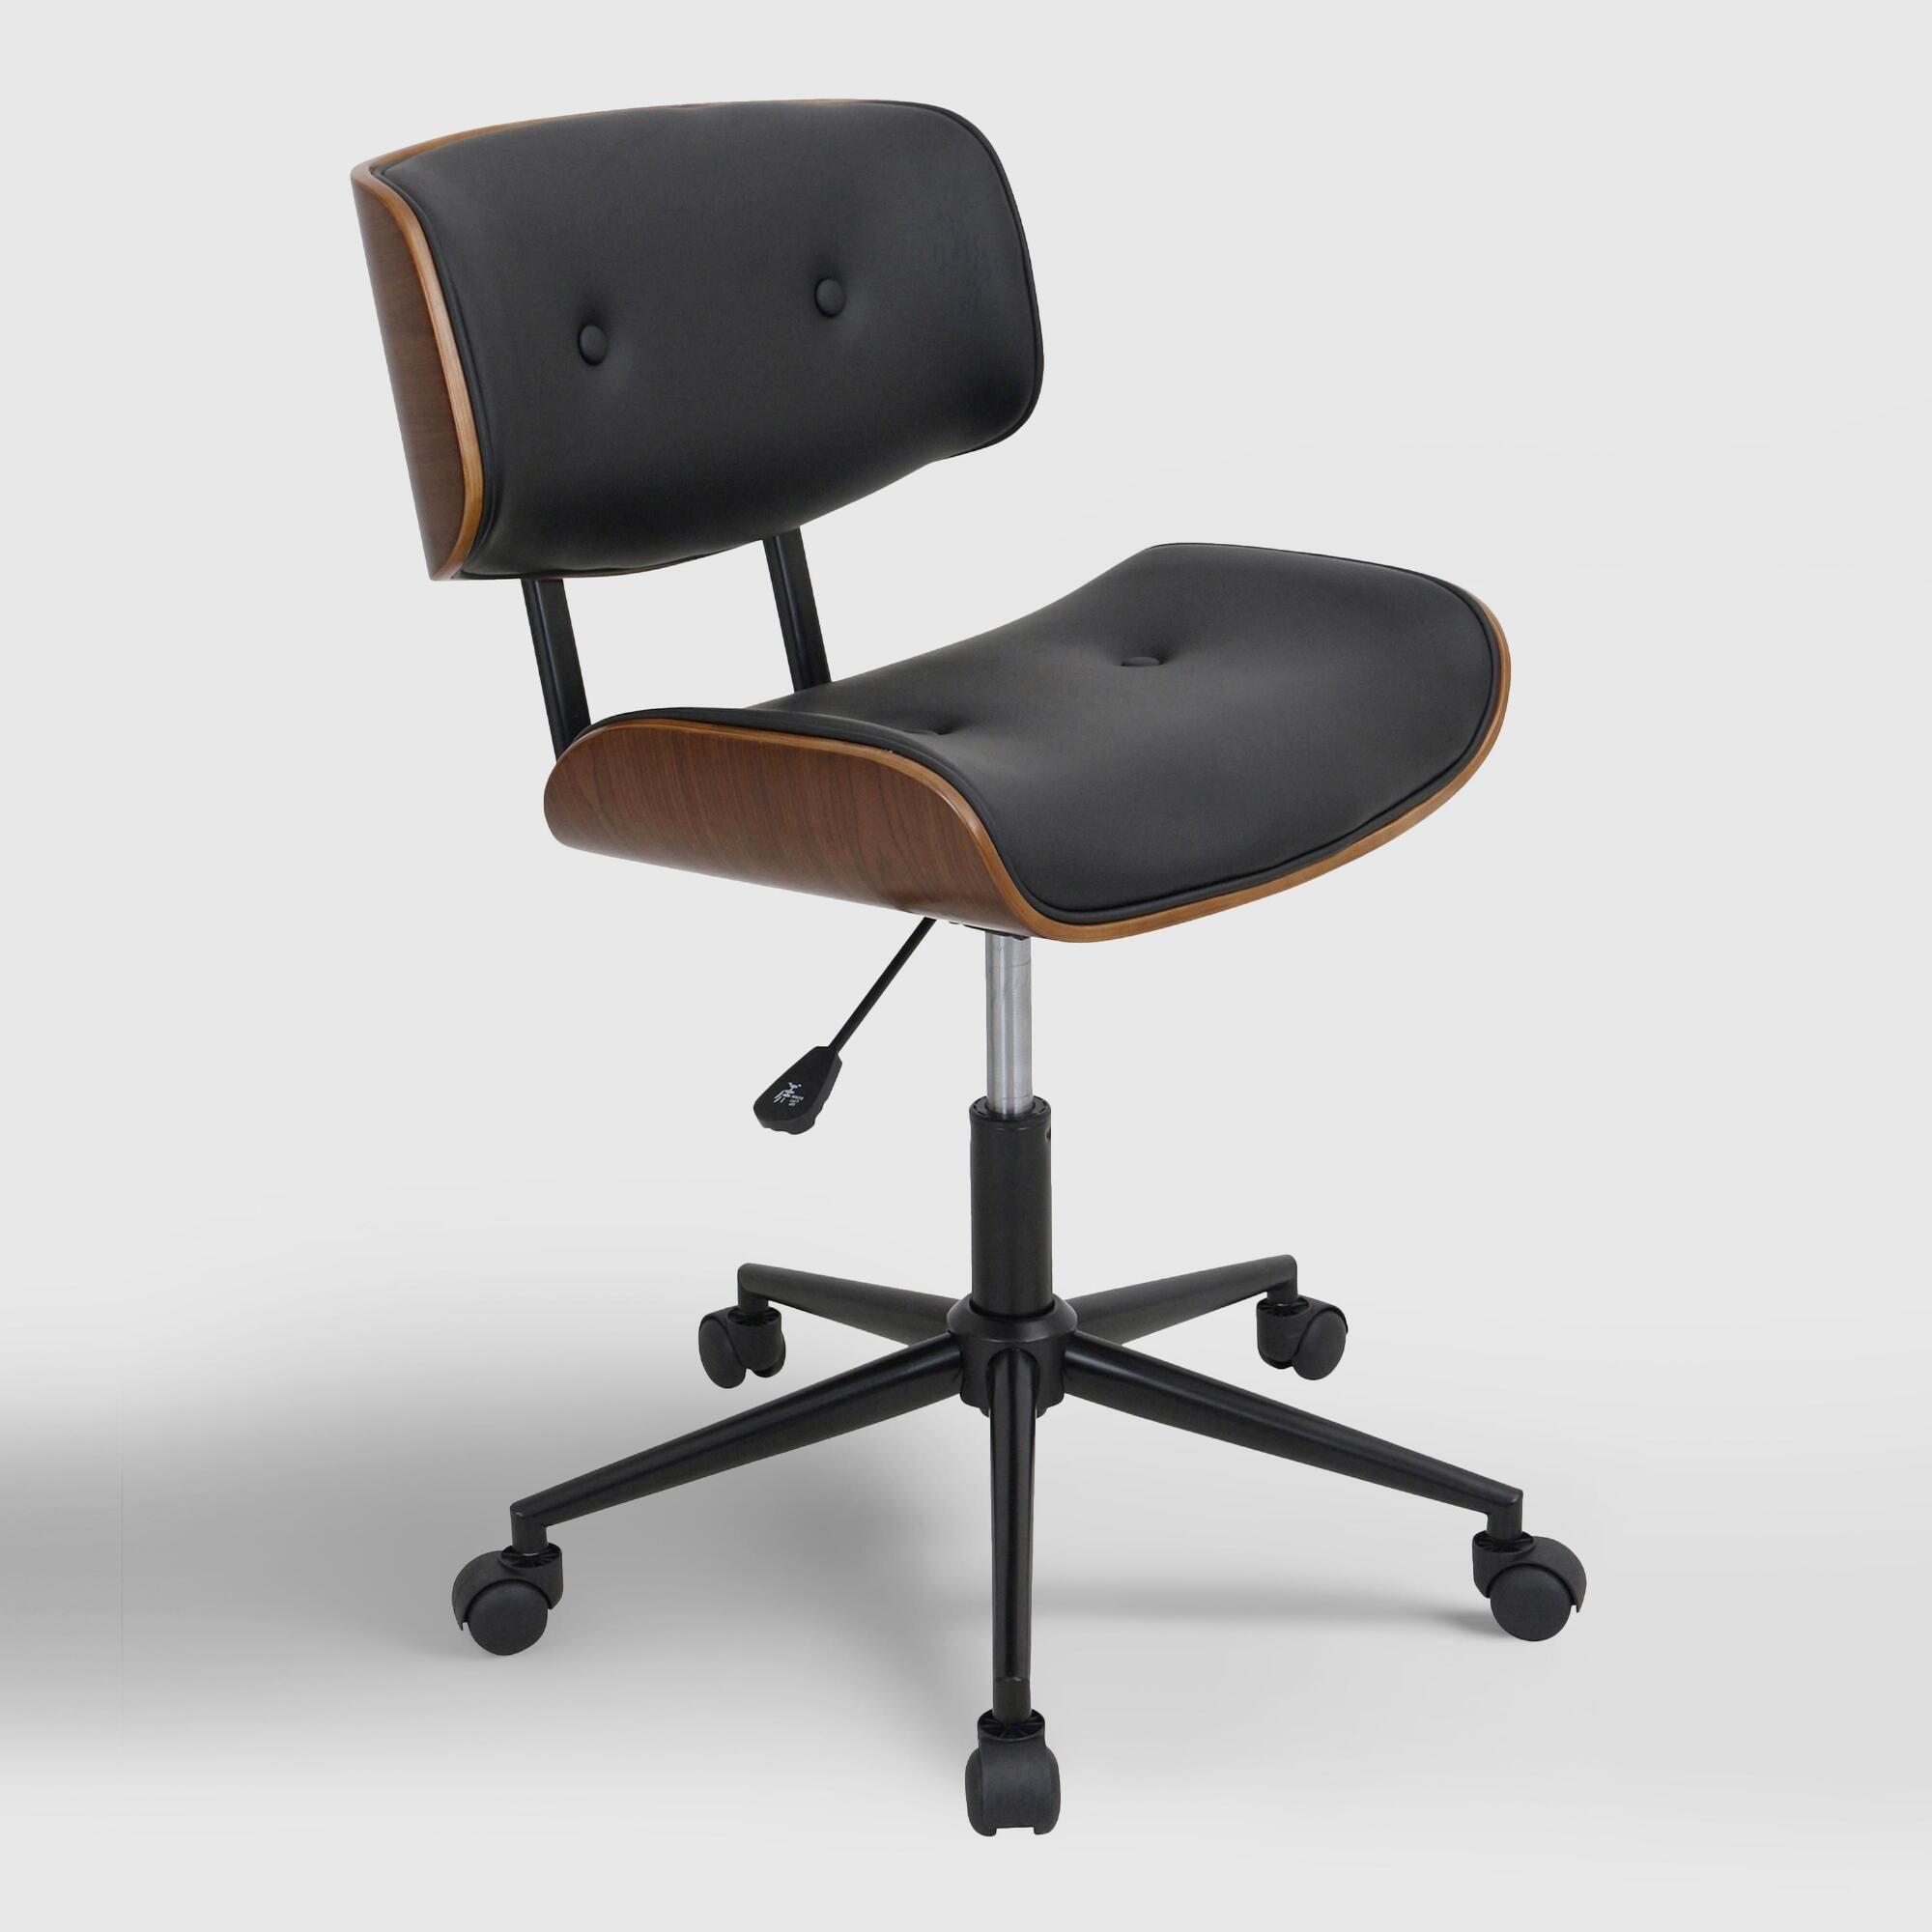 Black leander swivel office chair by world market